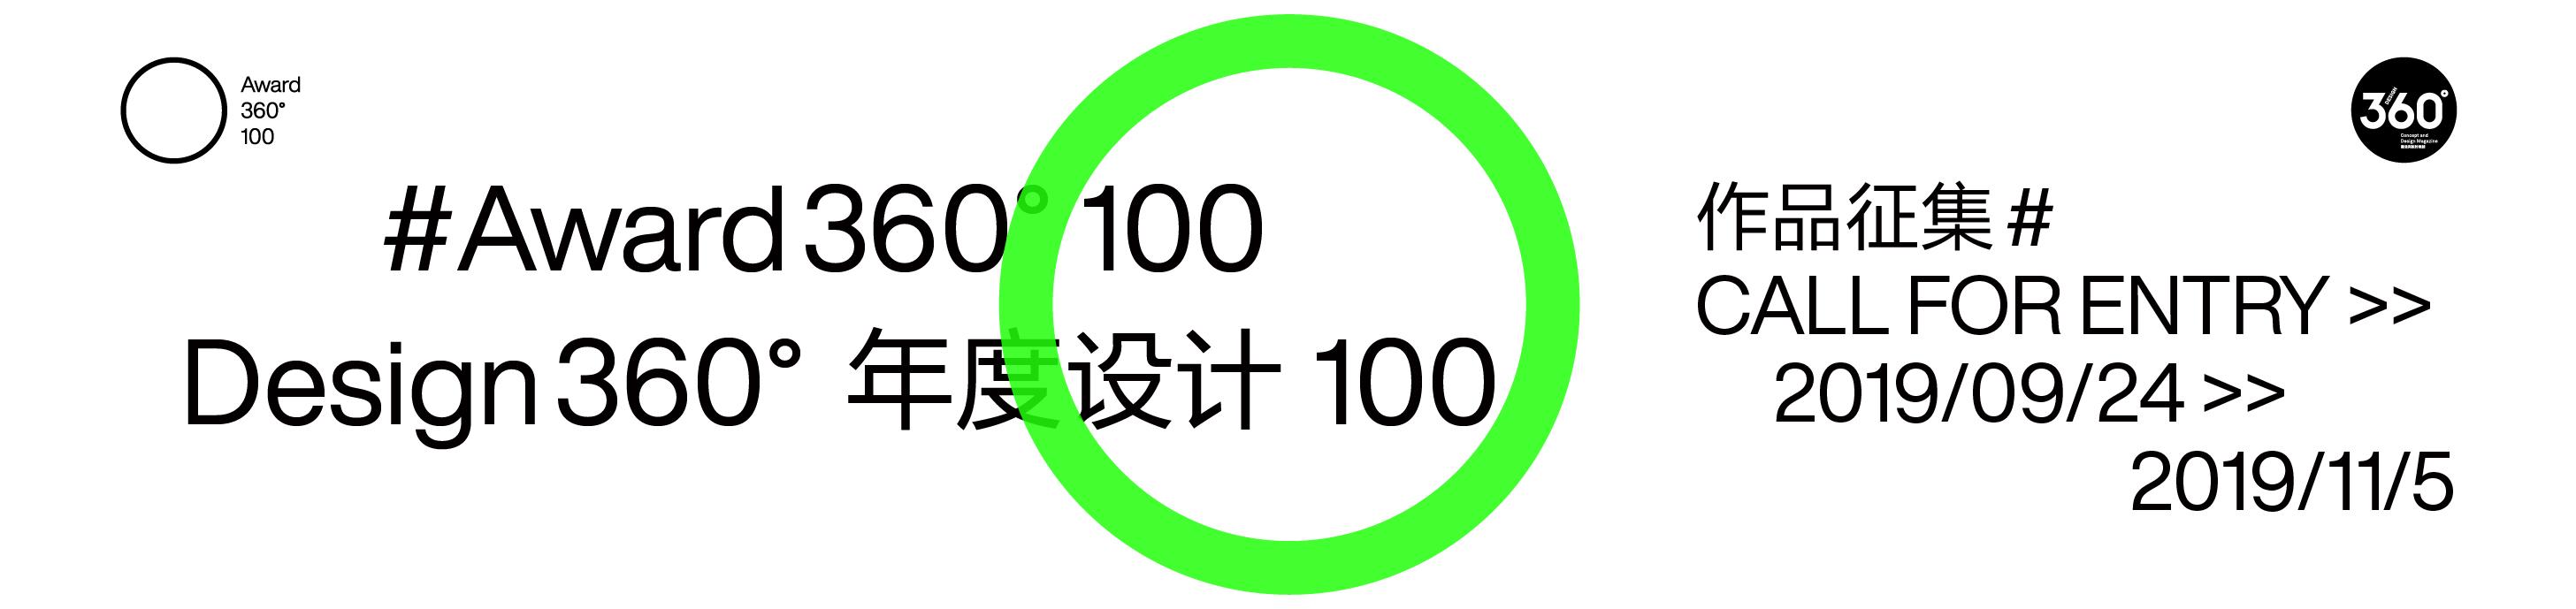 100件作品中的中國設計2019|Award360100 征集中